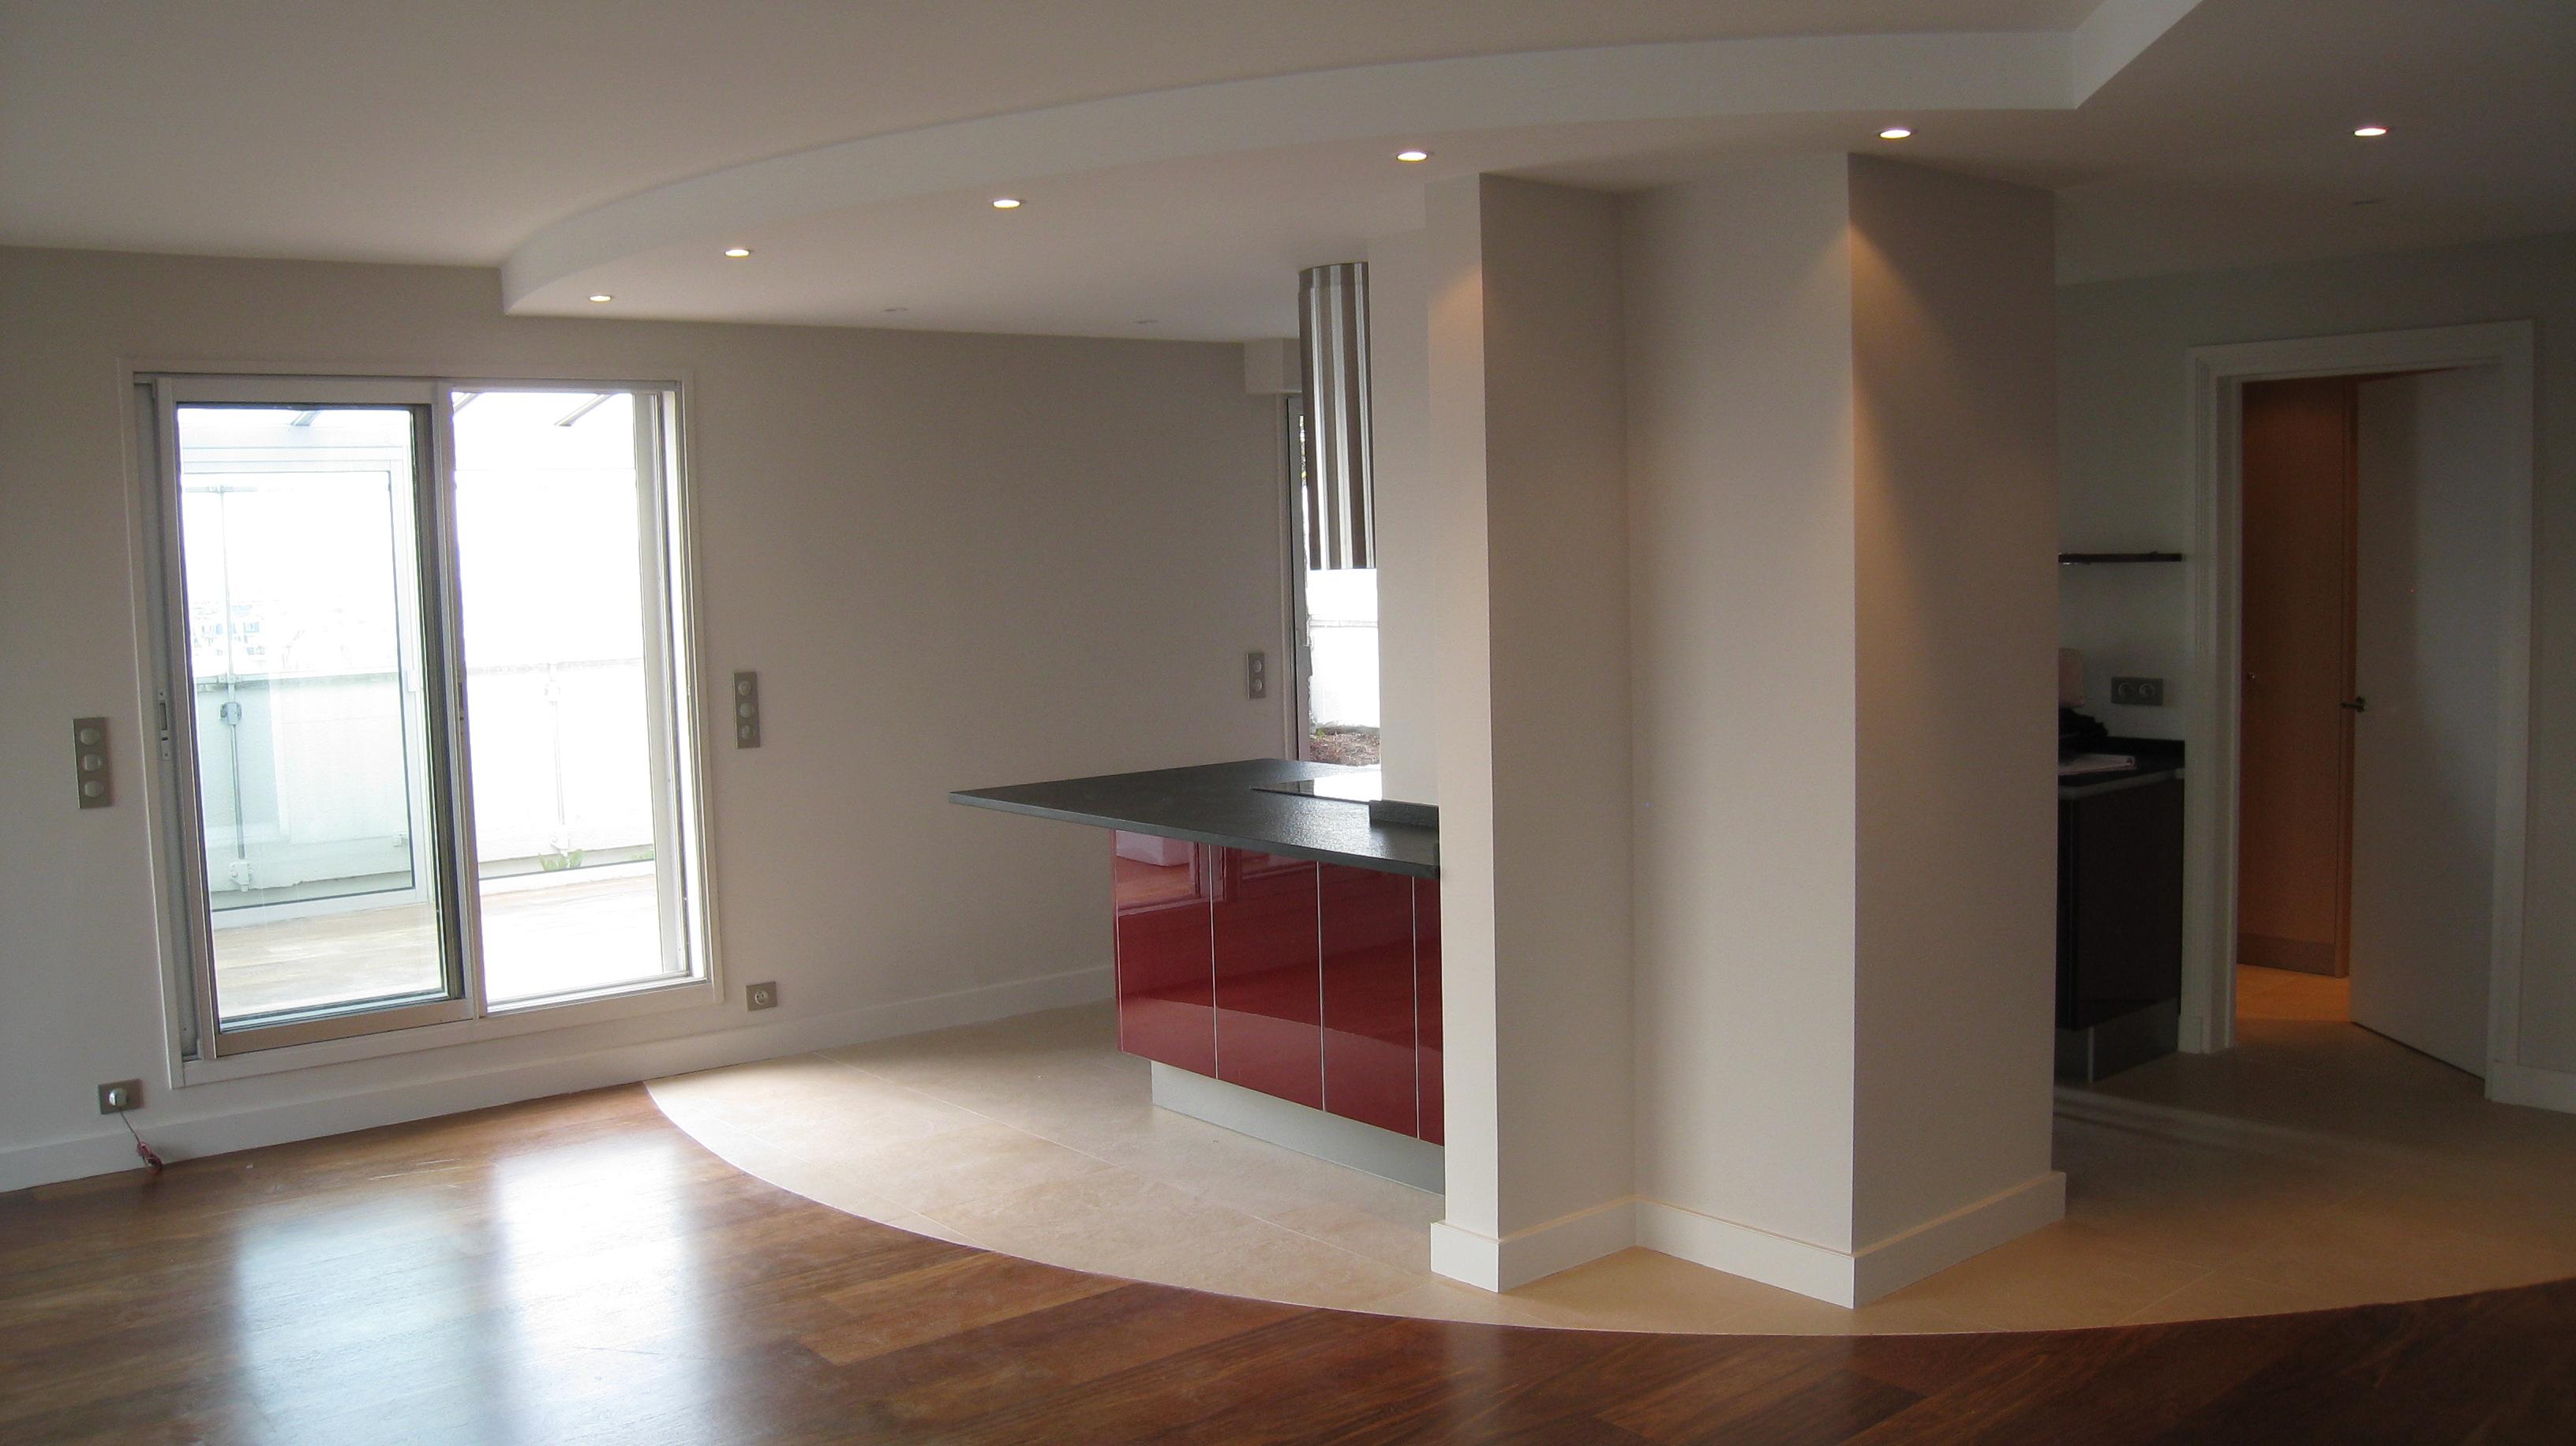 appartement en espace ouvert neuilly sur seine. Black Bedroom Furniture Sets. Home Design Ideas